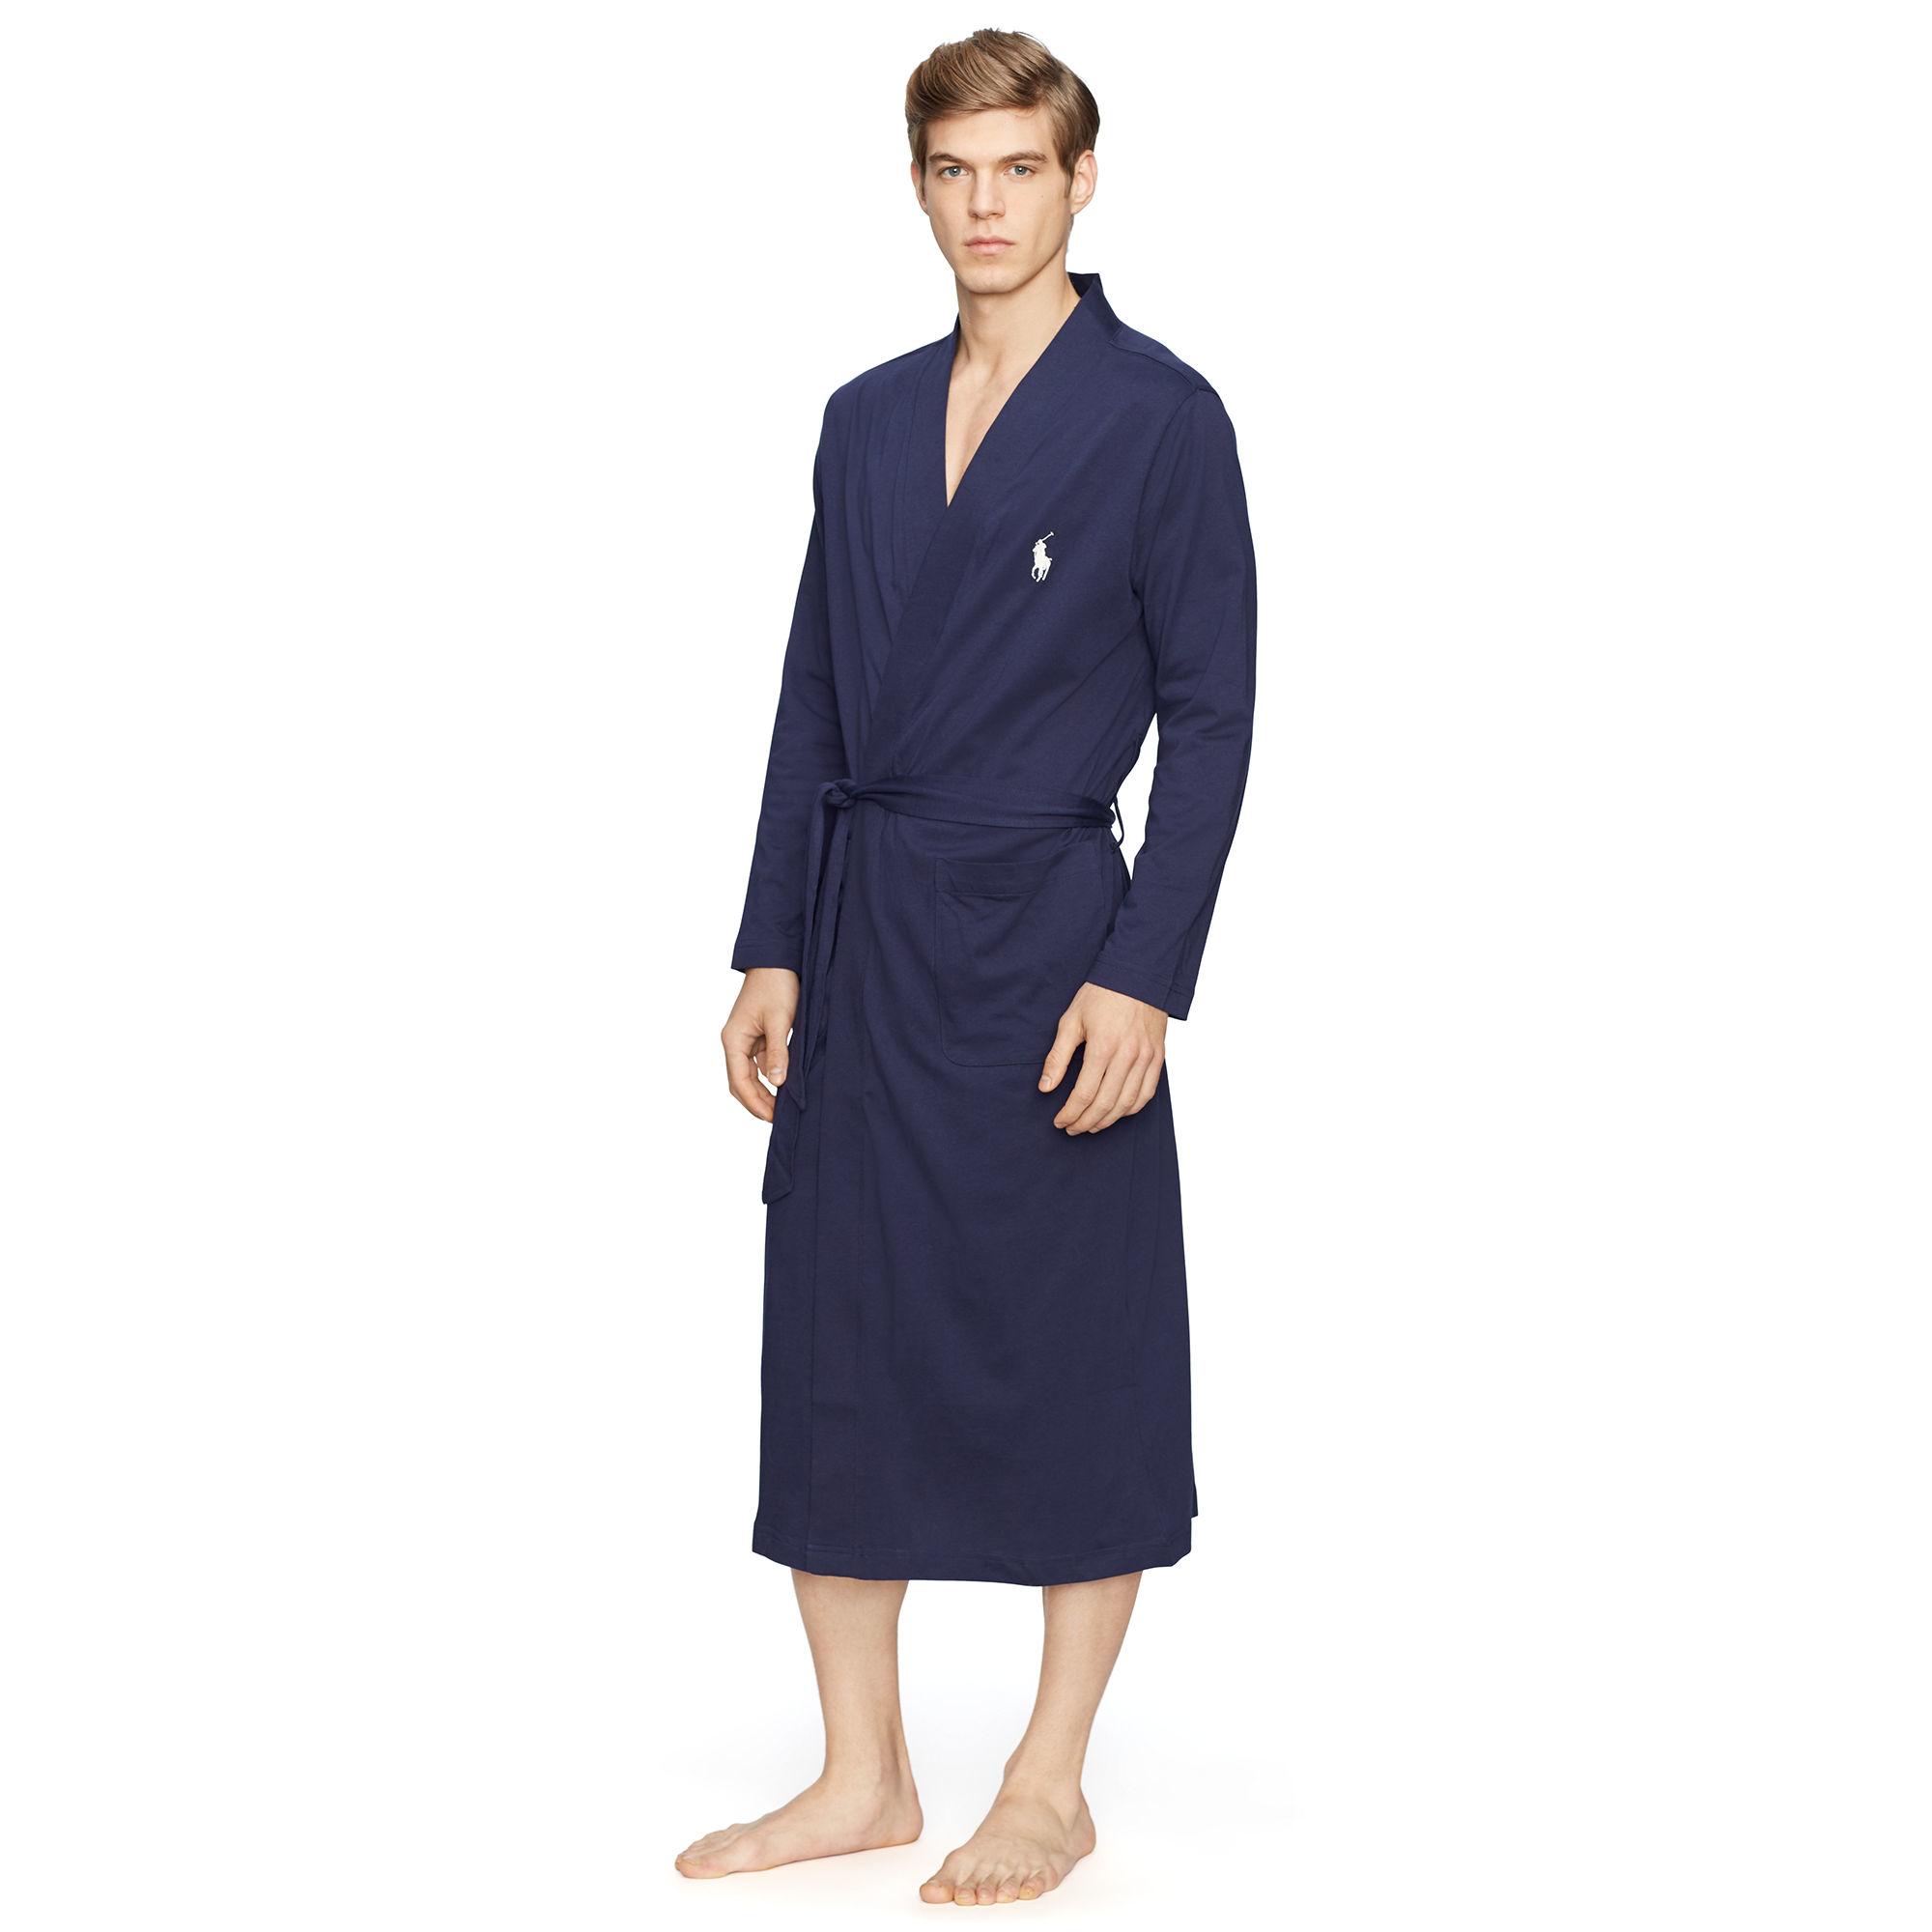 Robe In Polo Blue Ralph For Lyst Kimono Men Lauren rBhQCsxtd